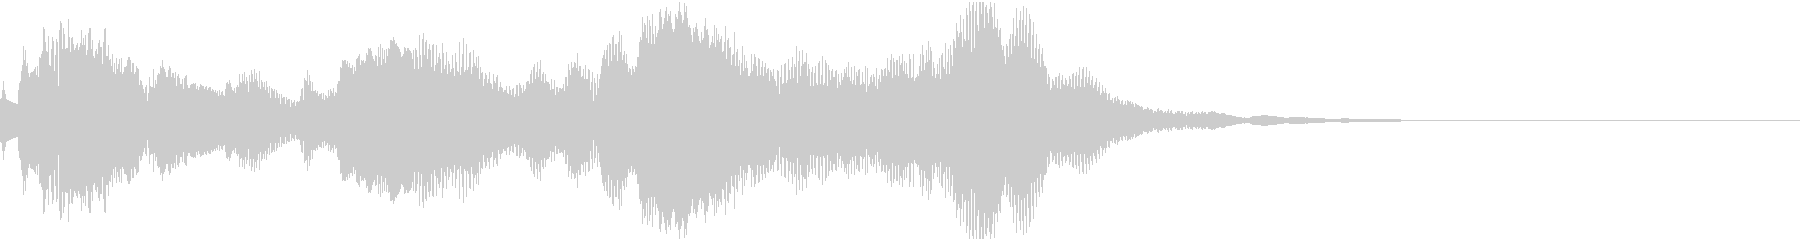 神秘的なクリスタル音02- ジングルCMの未再生の波形